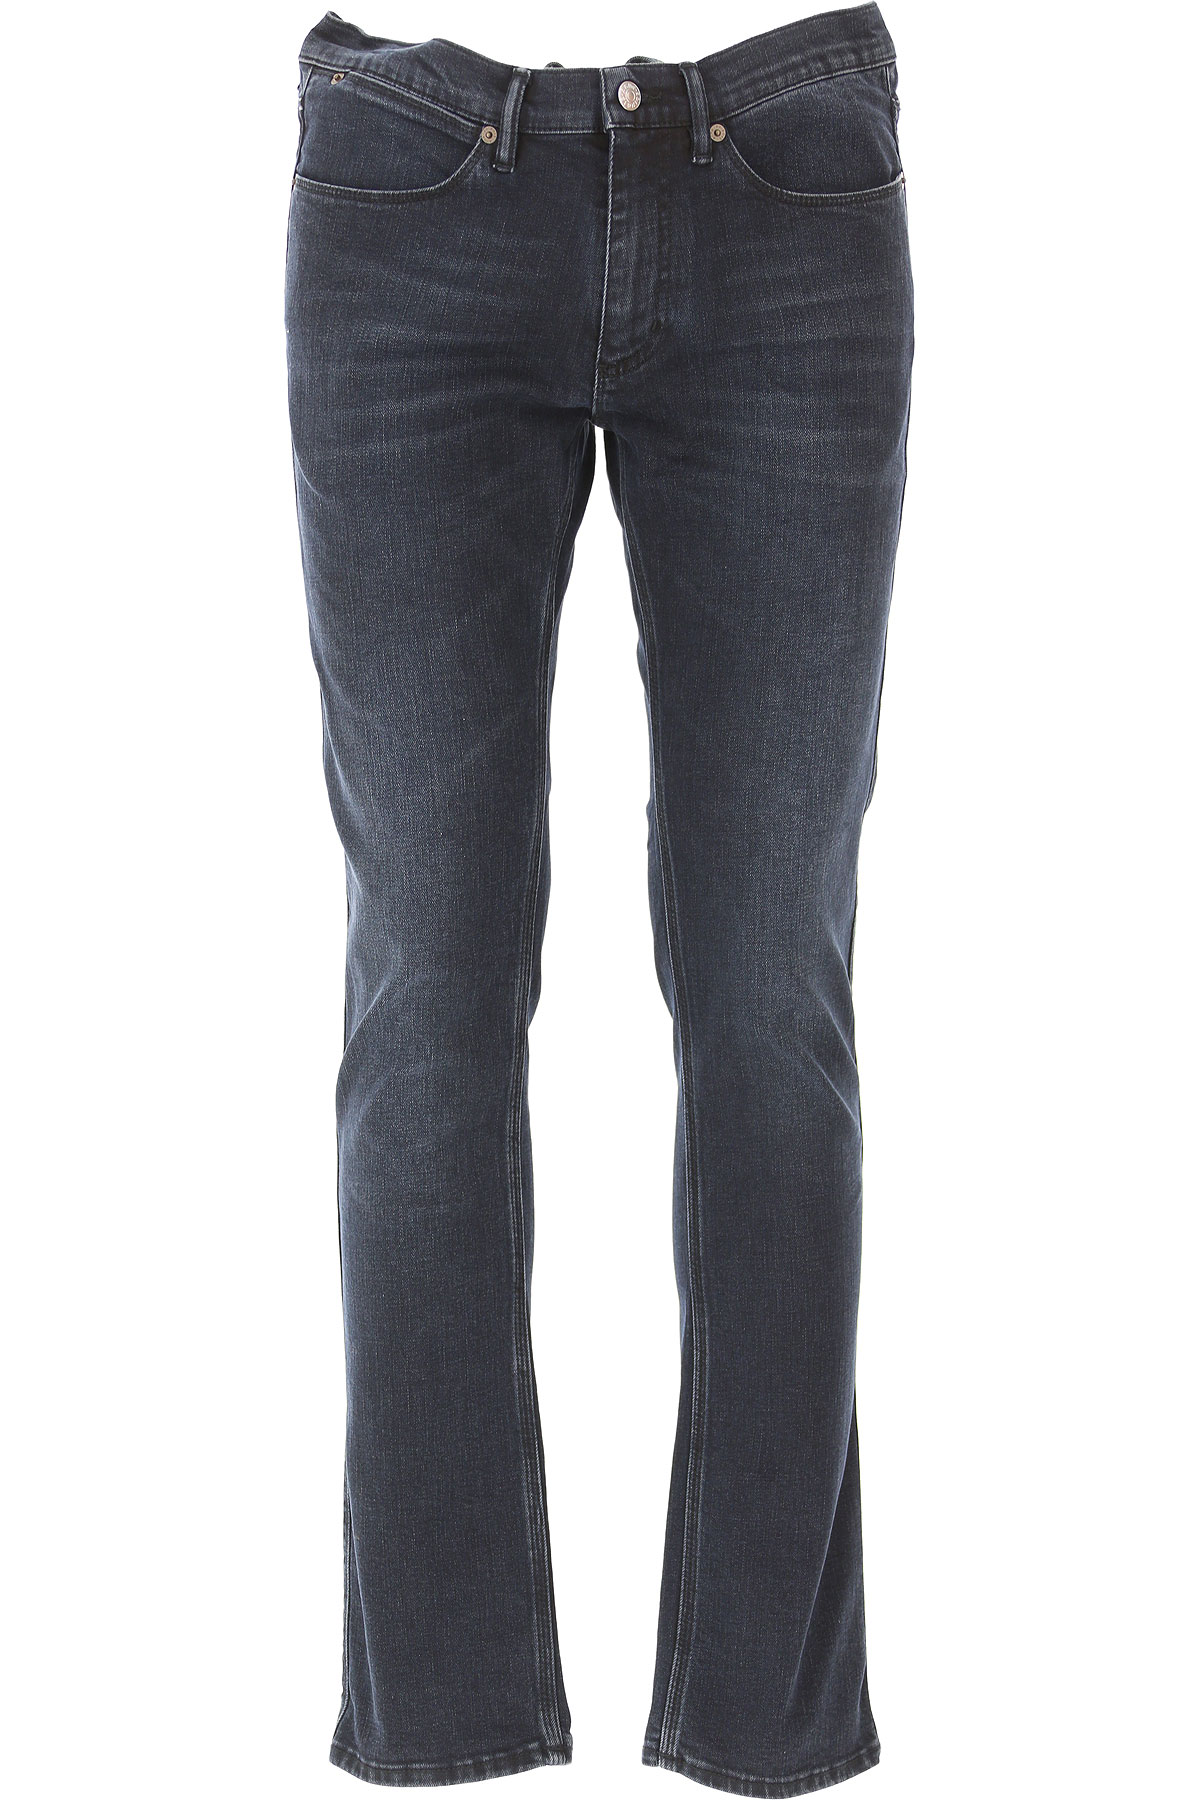 Image of Acne Studios Jeans, Blue Denim, Cotton, 2017, 29 31 33 34